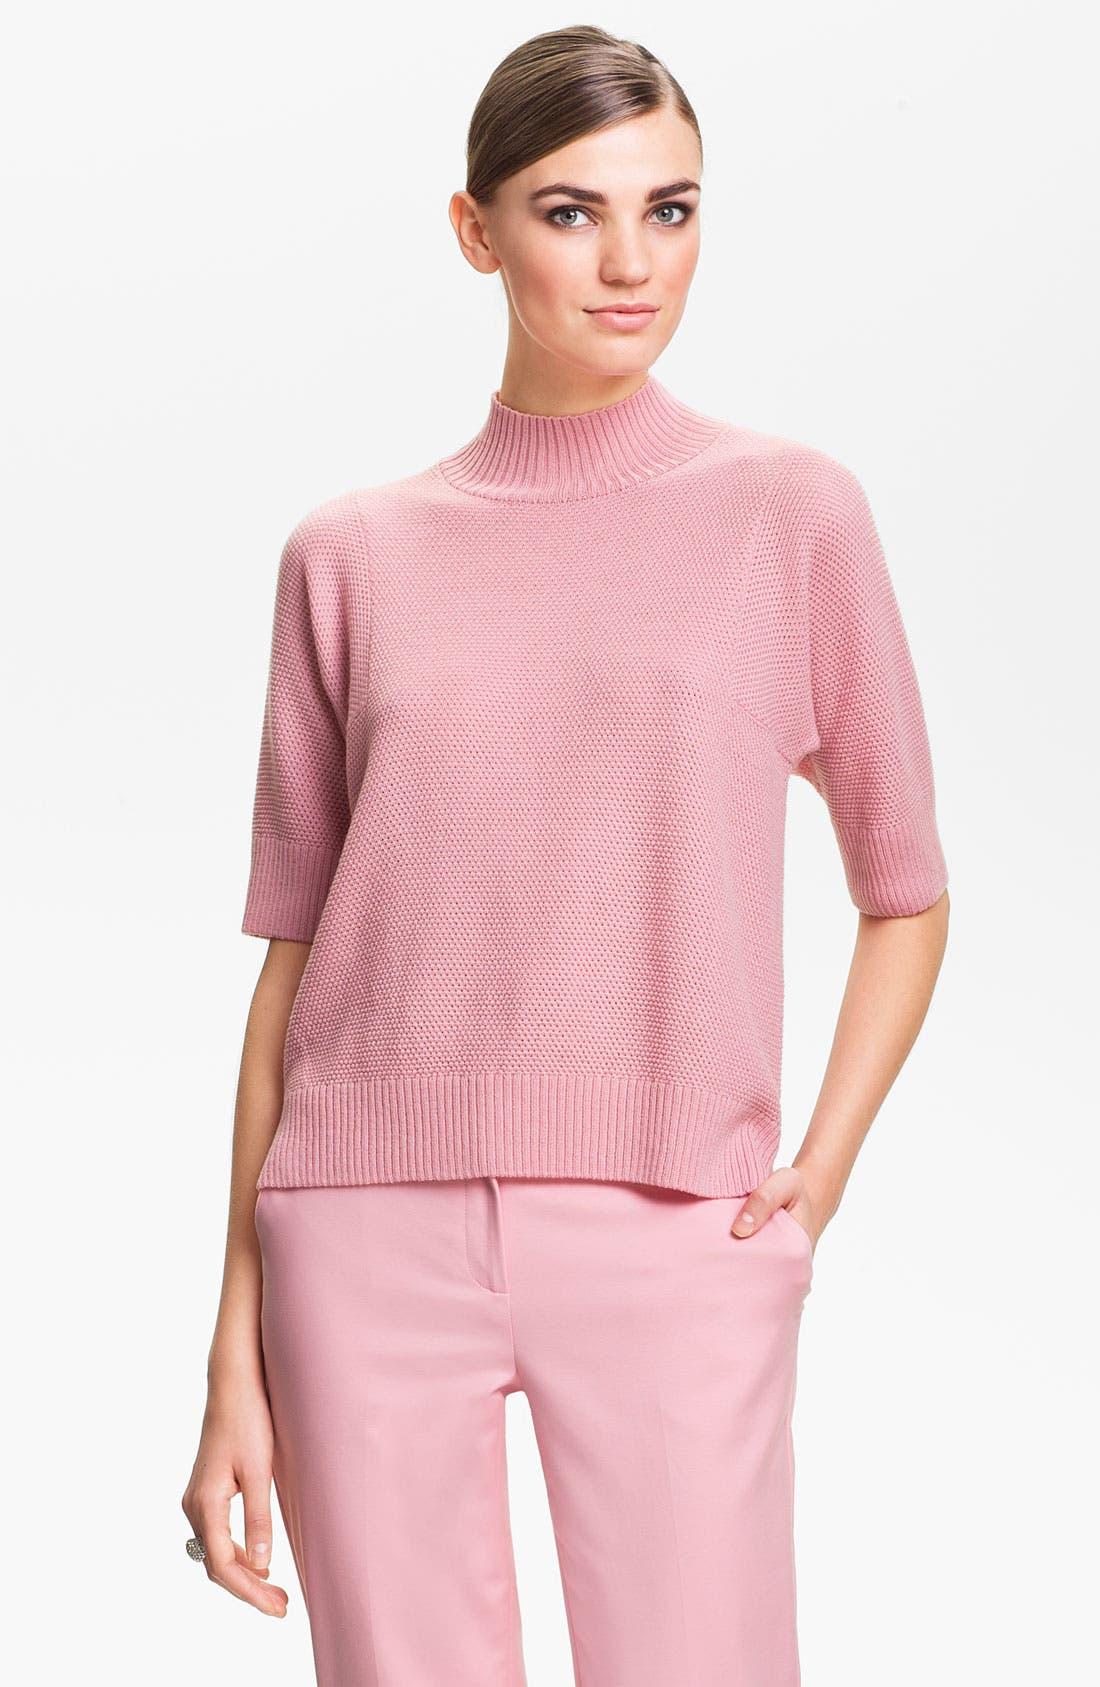 Main Image - St. John Yellow Label Mini Popcorn Knit Sweater